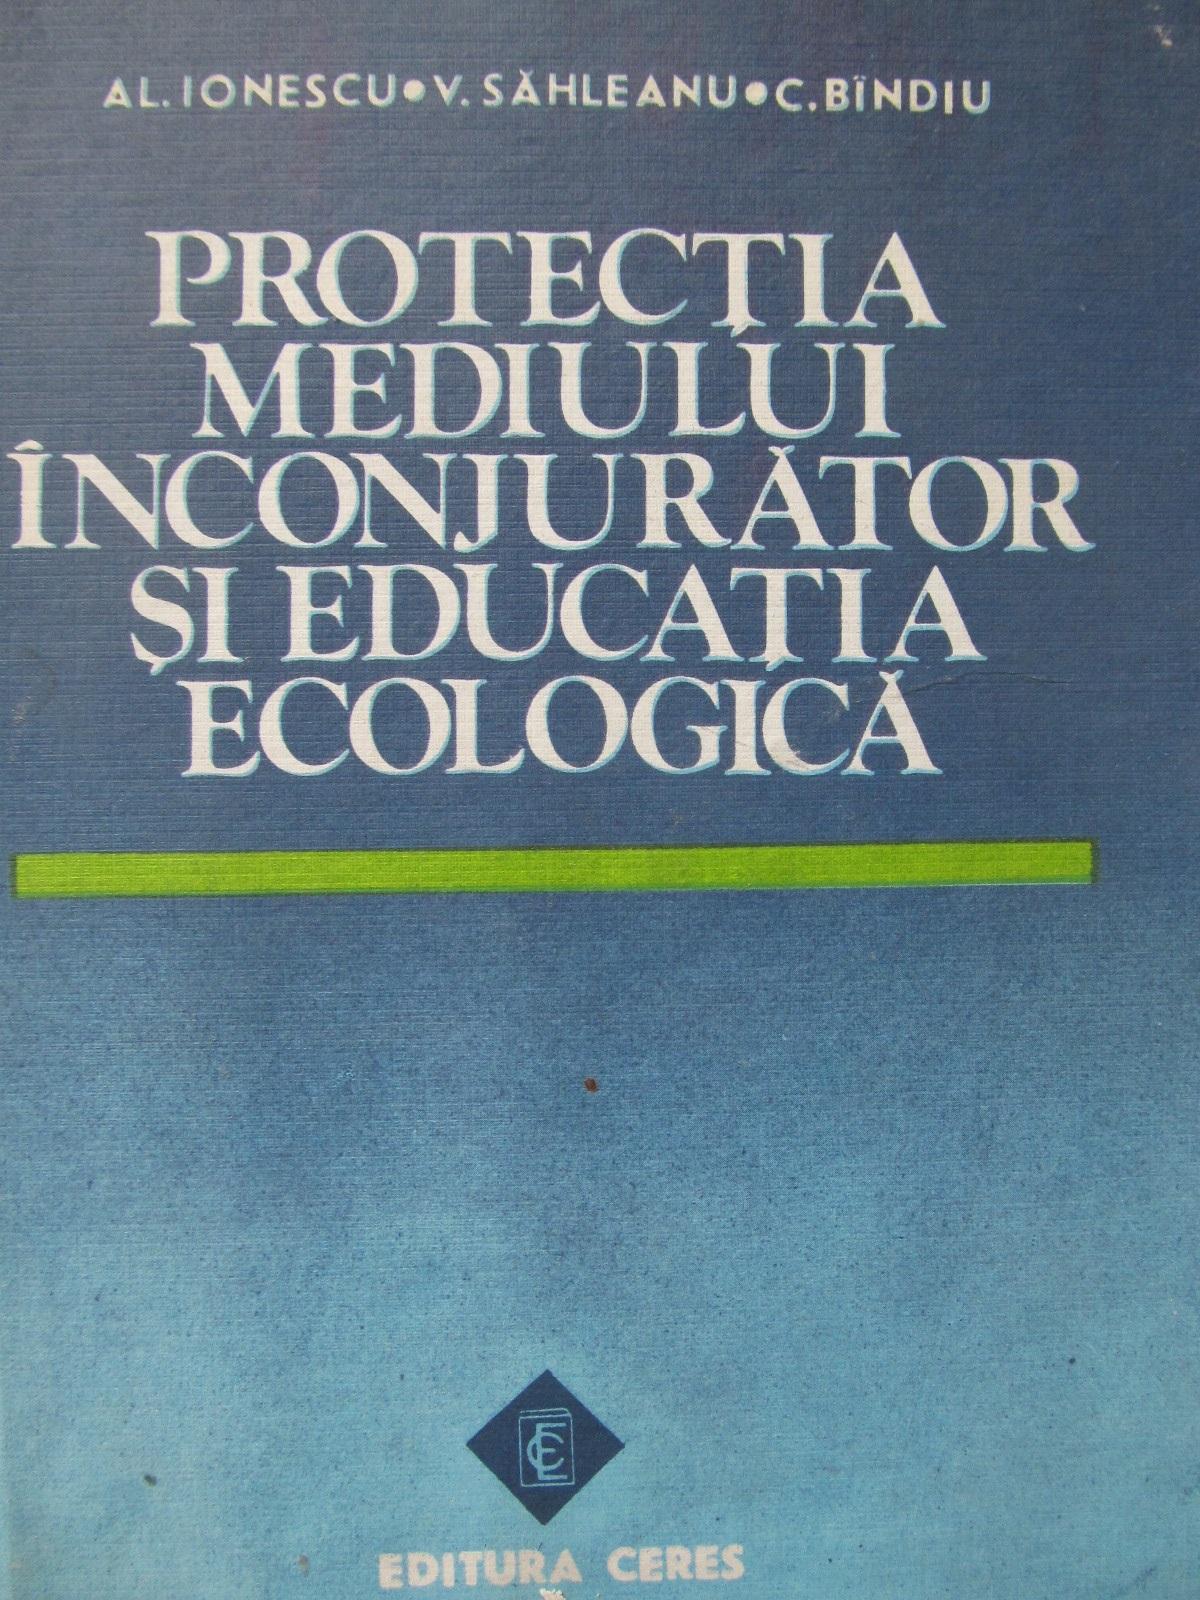 Protectia mediului inconjurator si educatia ecologica - Al. Ionescu , ... | Detalii carte